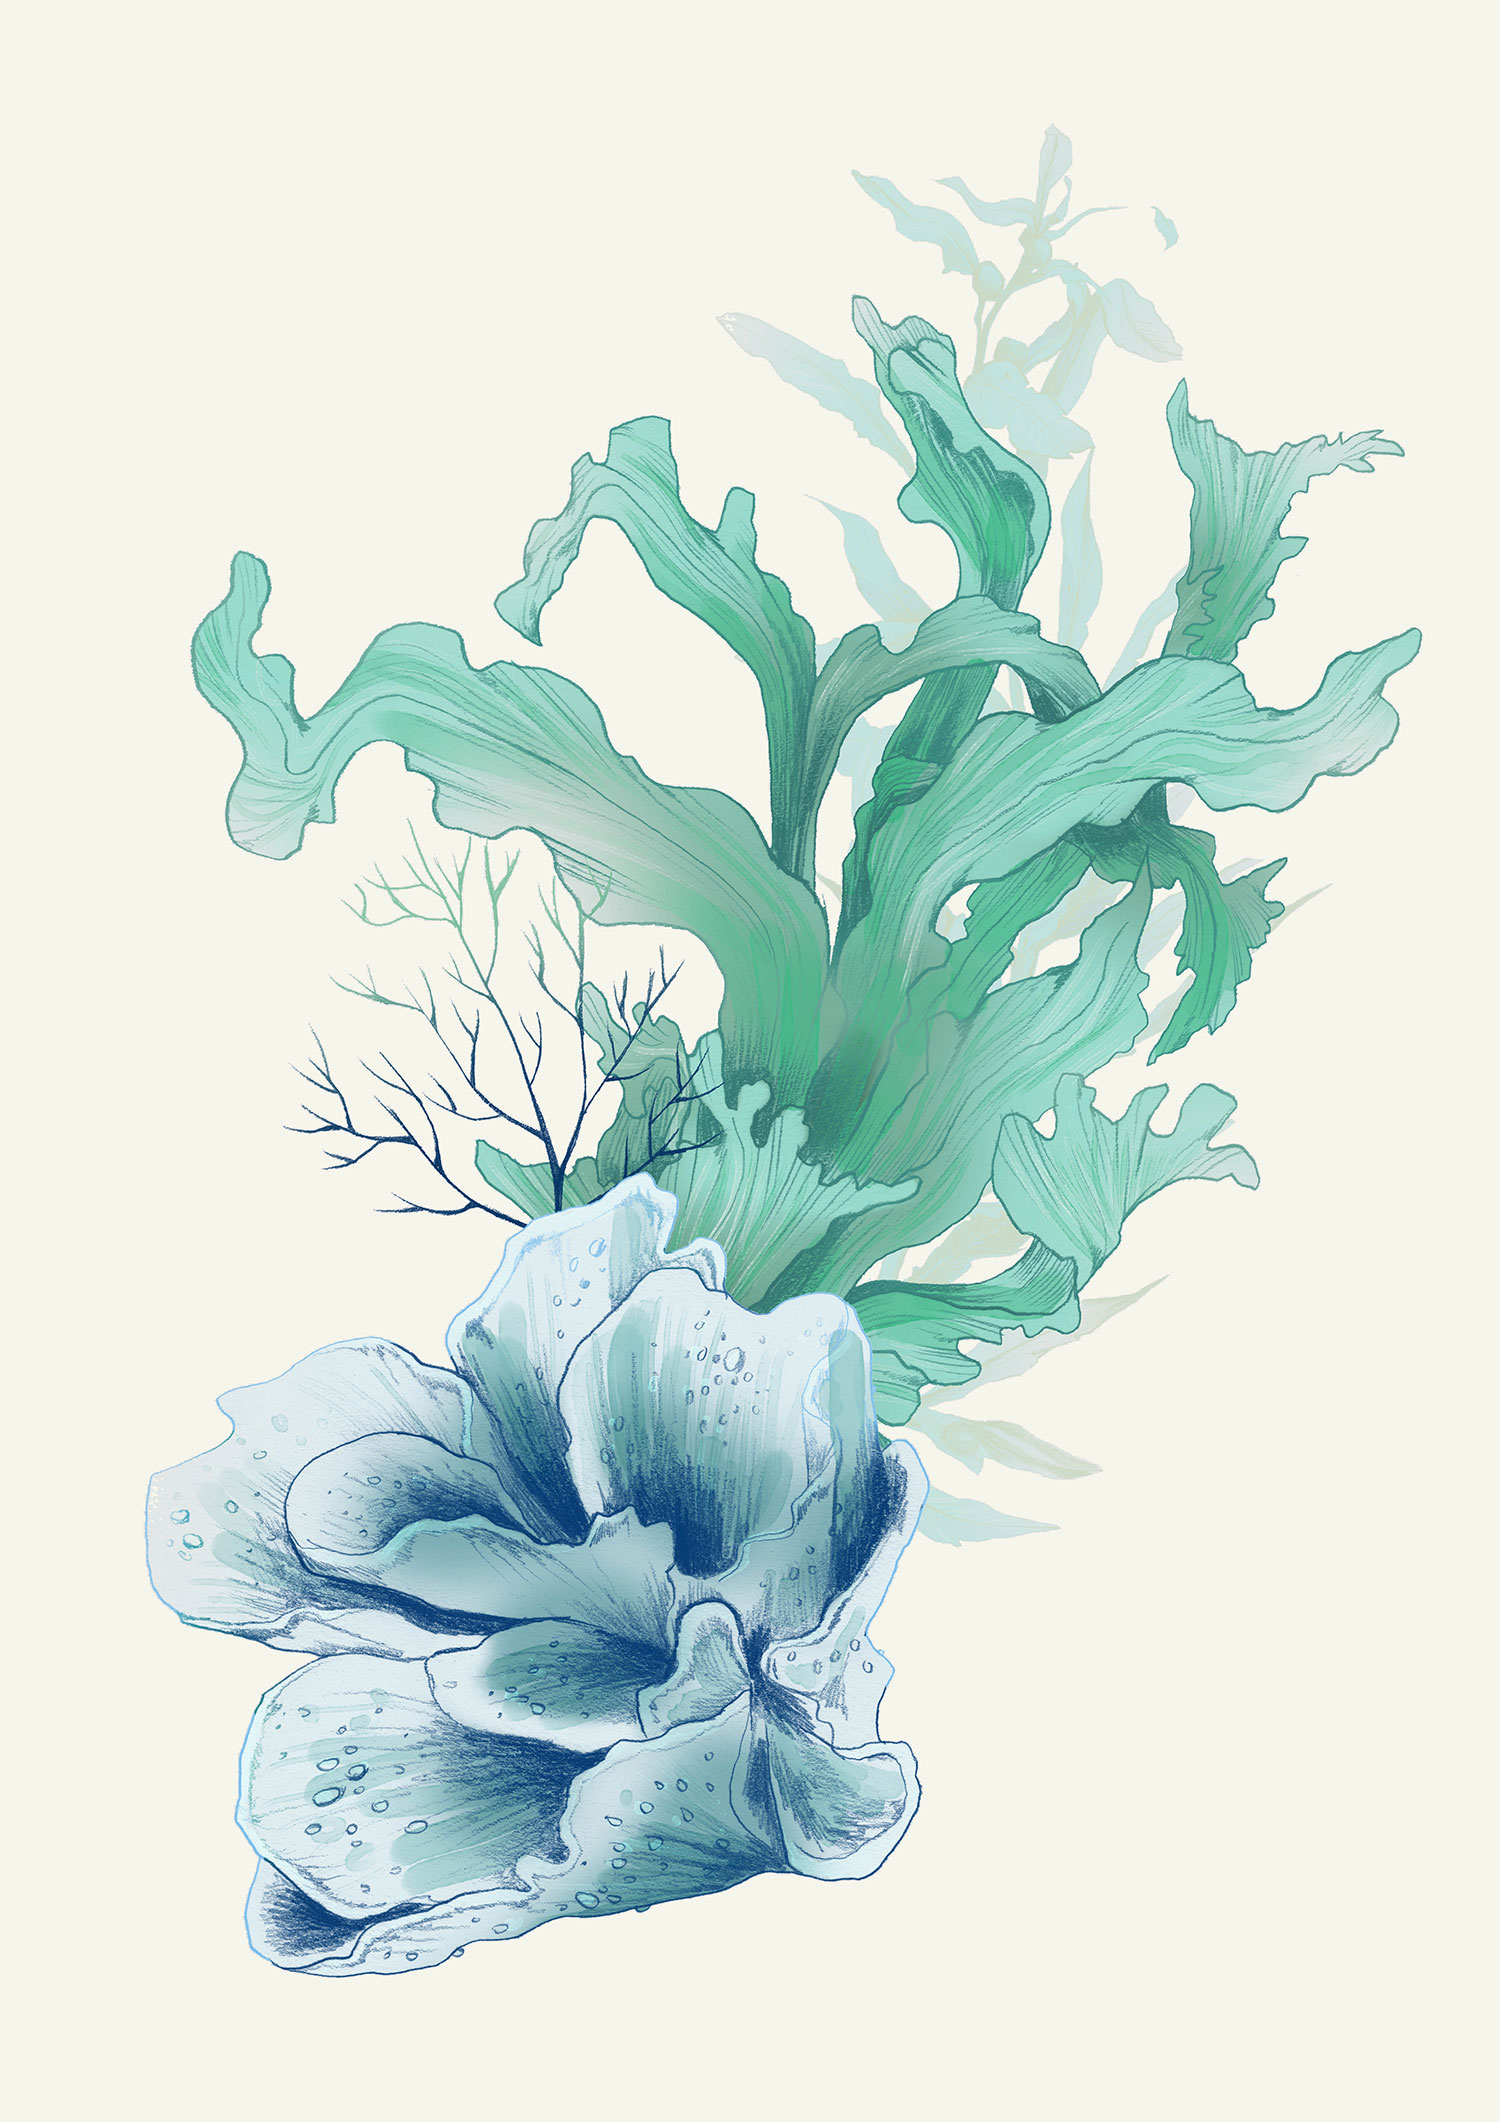 fig. 8. Coral illustration elements